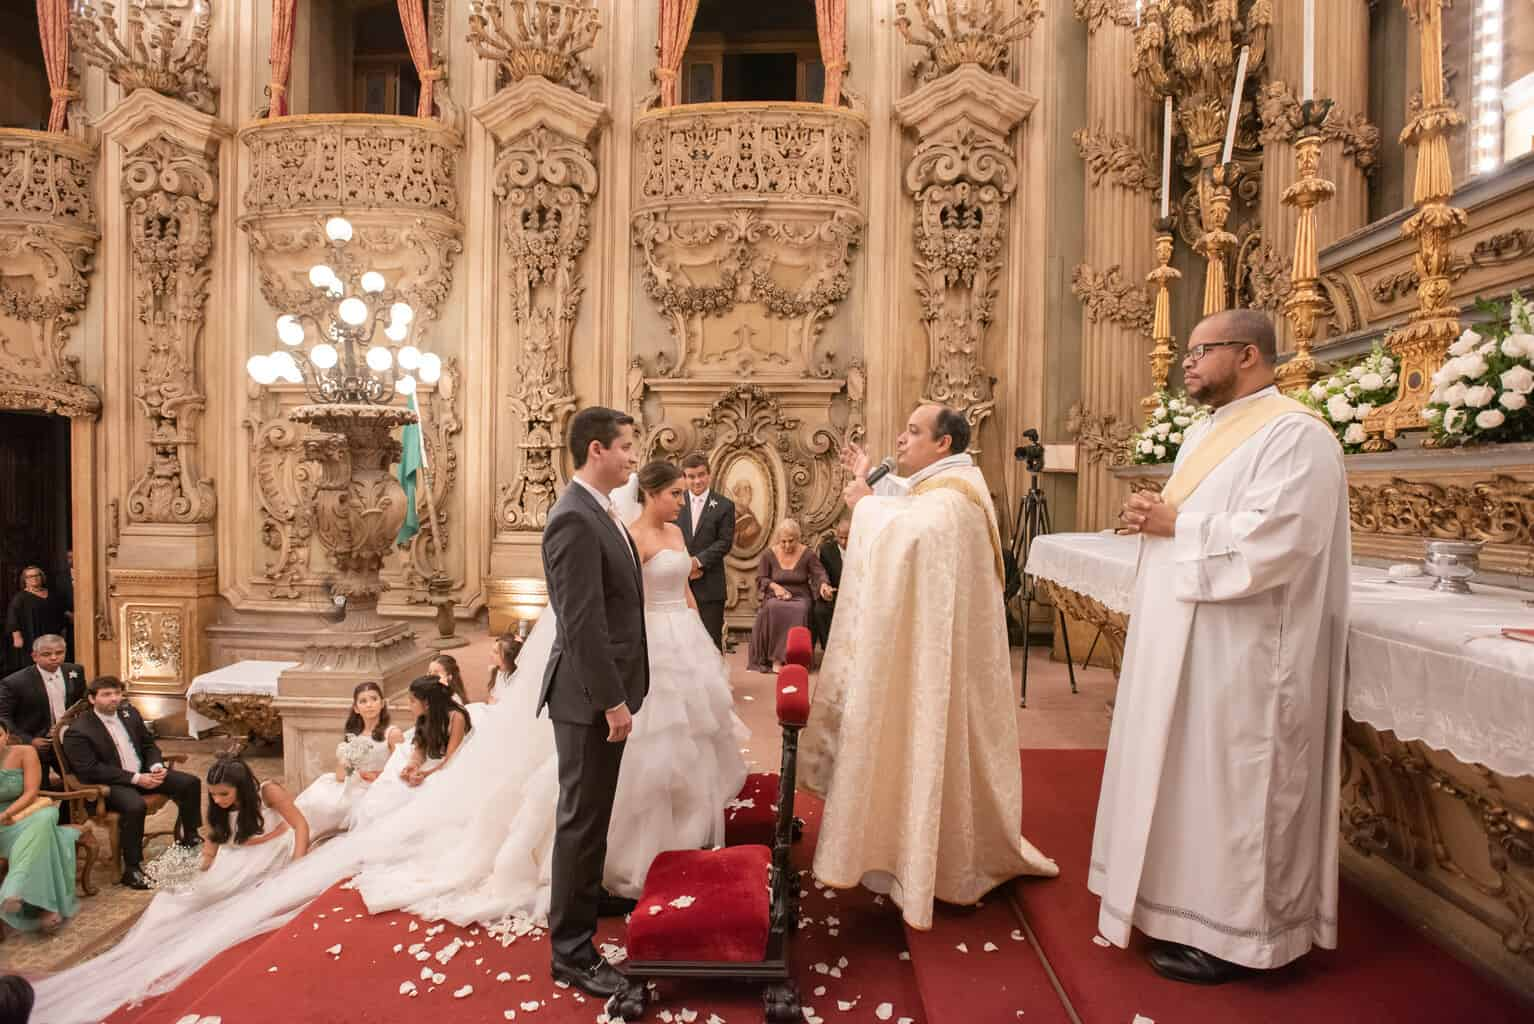 casamento-Karynna-e-Fernando-cerimonia-na-igreja-cerimonial-TCD-Eventos-fotografia-Marina-Fava-Igreja-São-Francisco-de-Paula80